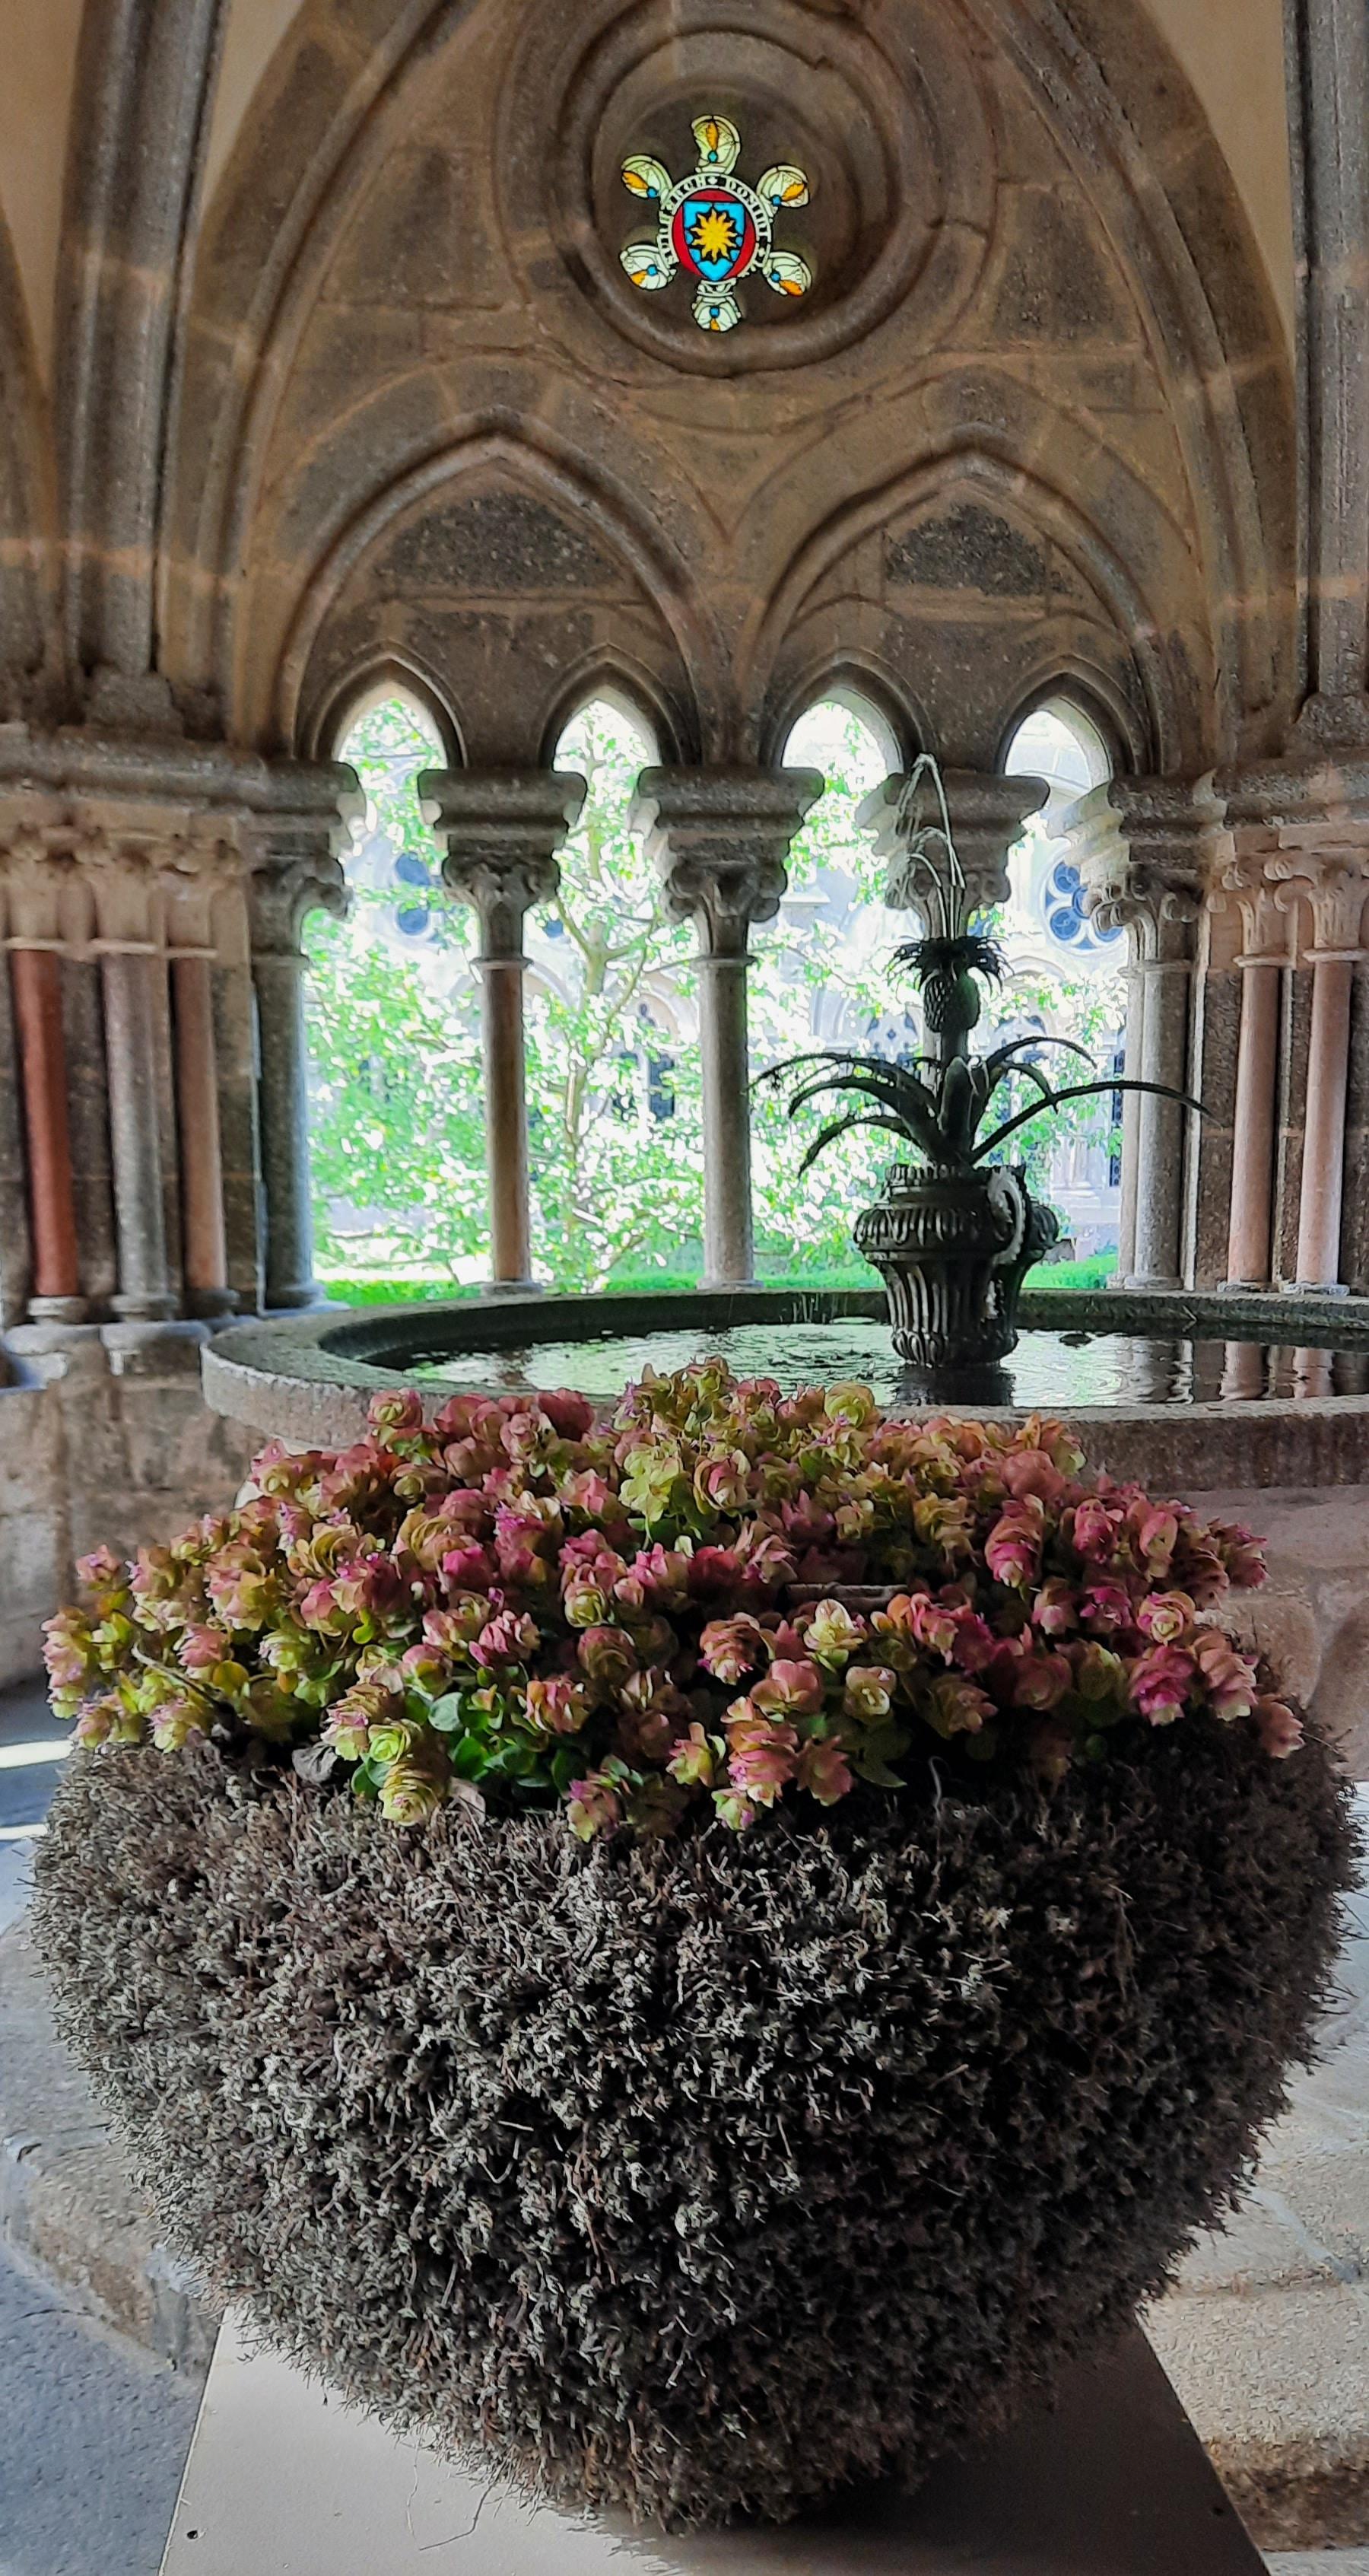 Ausstellung der Meisterarbeiten der Floristen